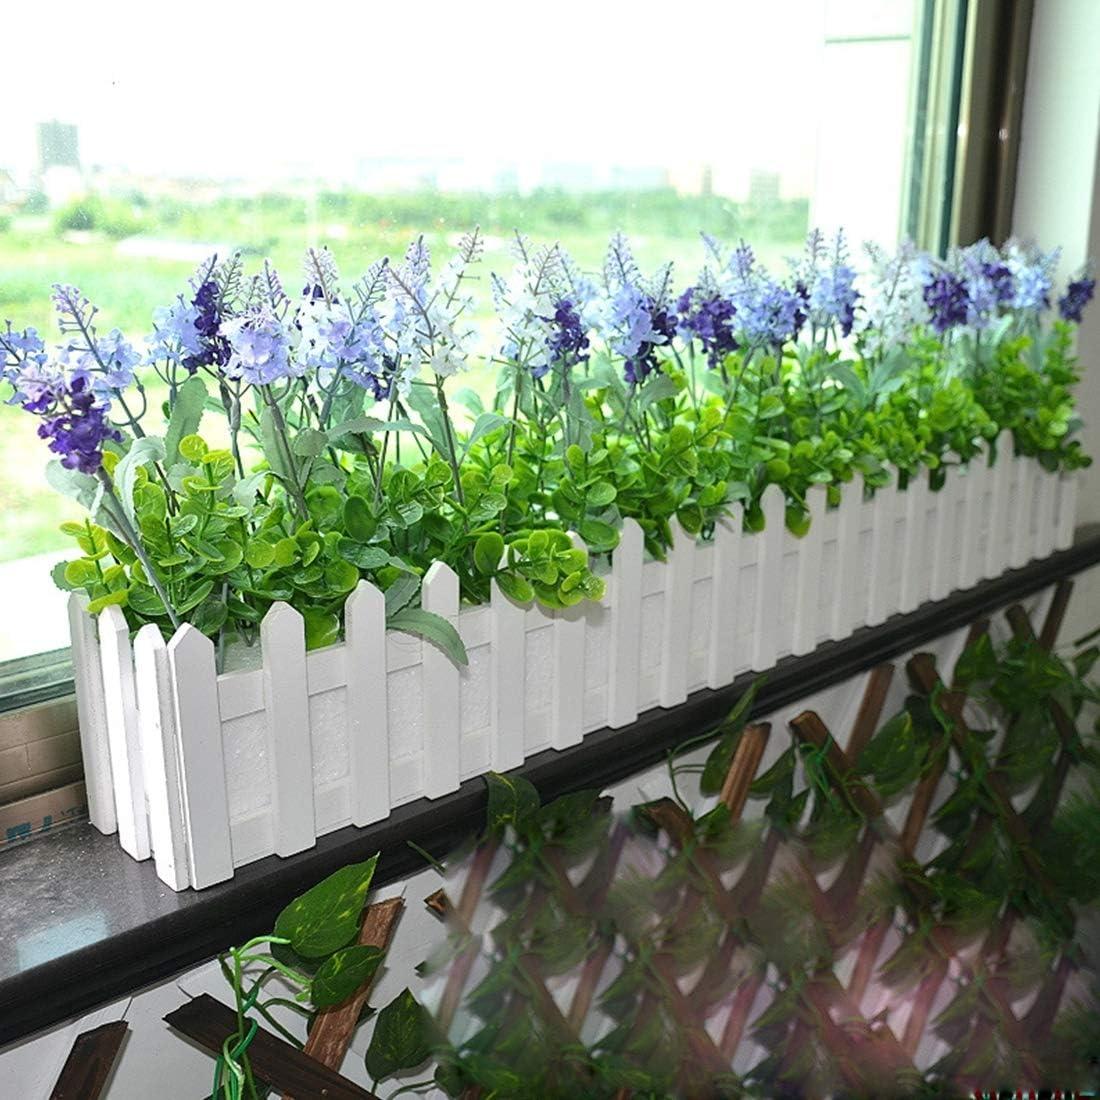 LIJIAN サイズ:80 cm x 9 cm x 11 cm、木の花プランターの塀の収納ホルダーの鍋